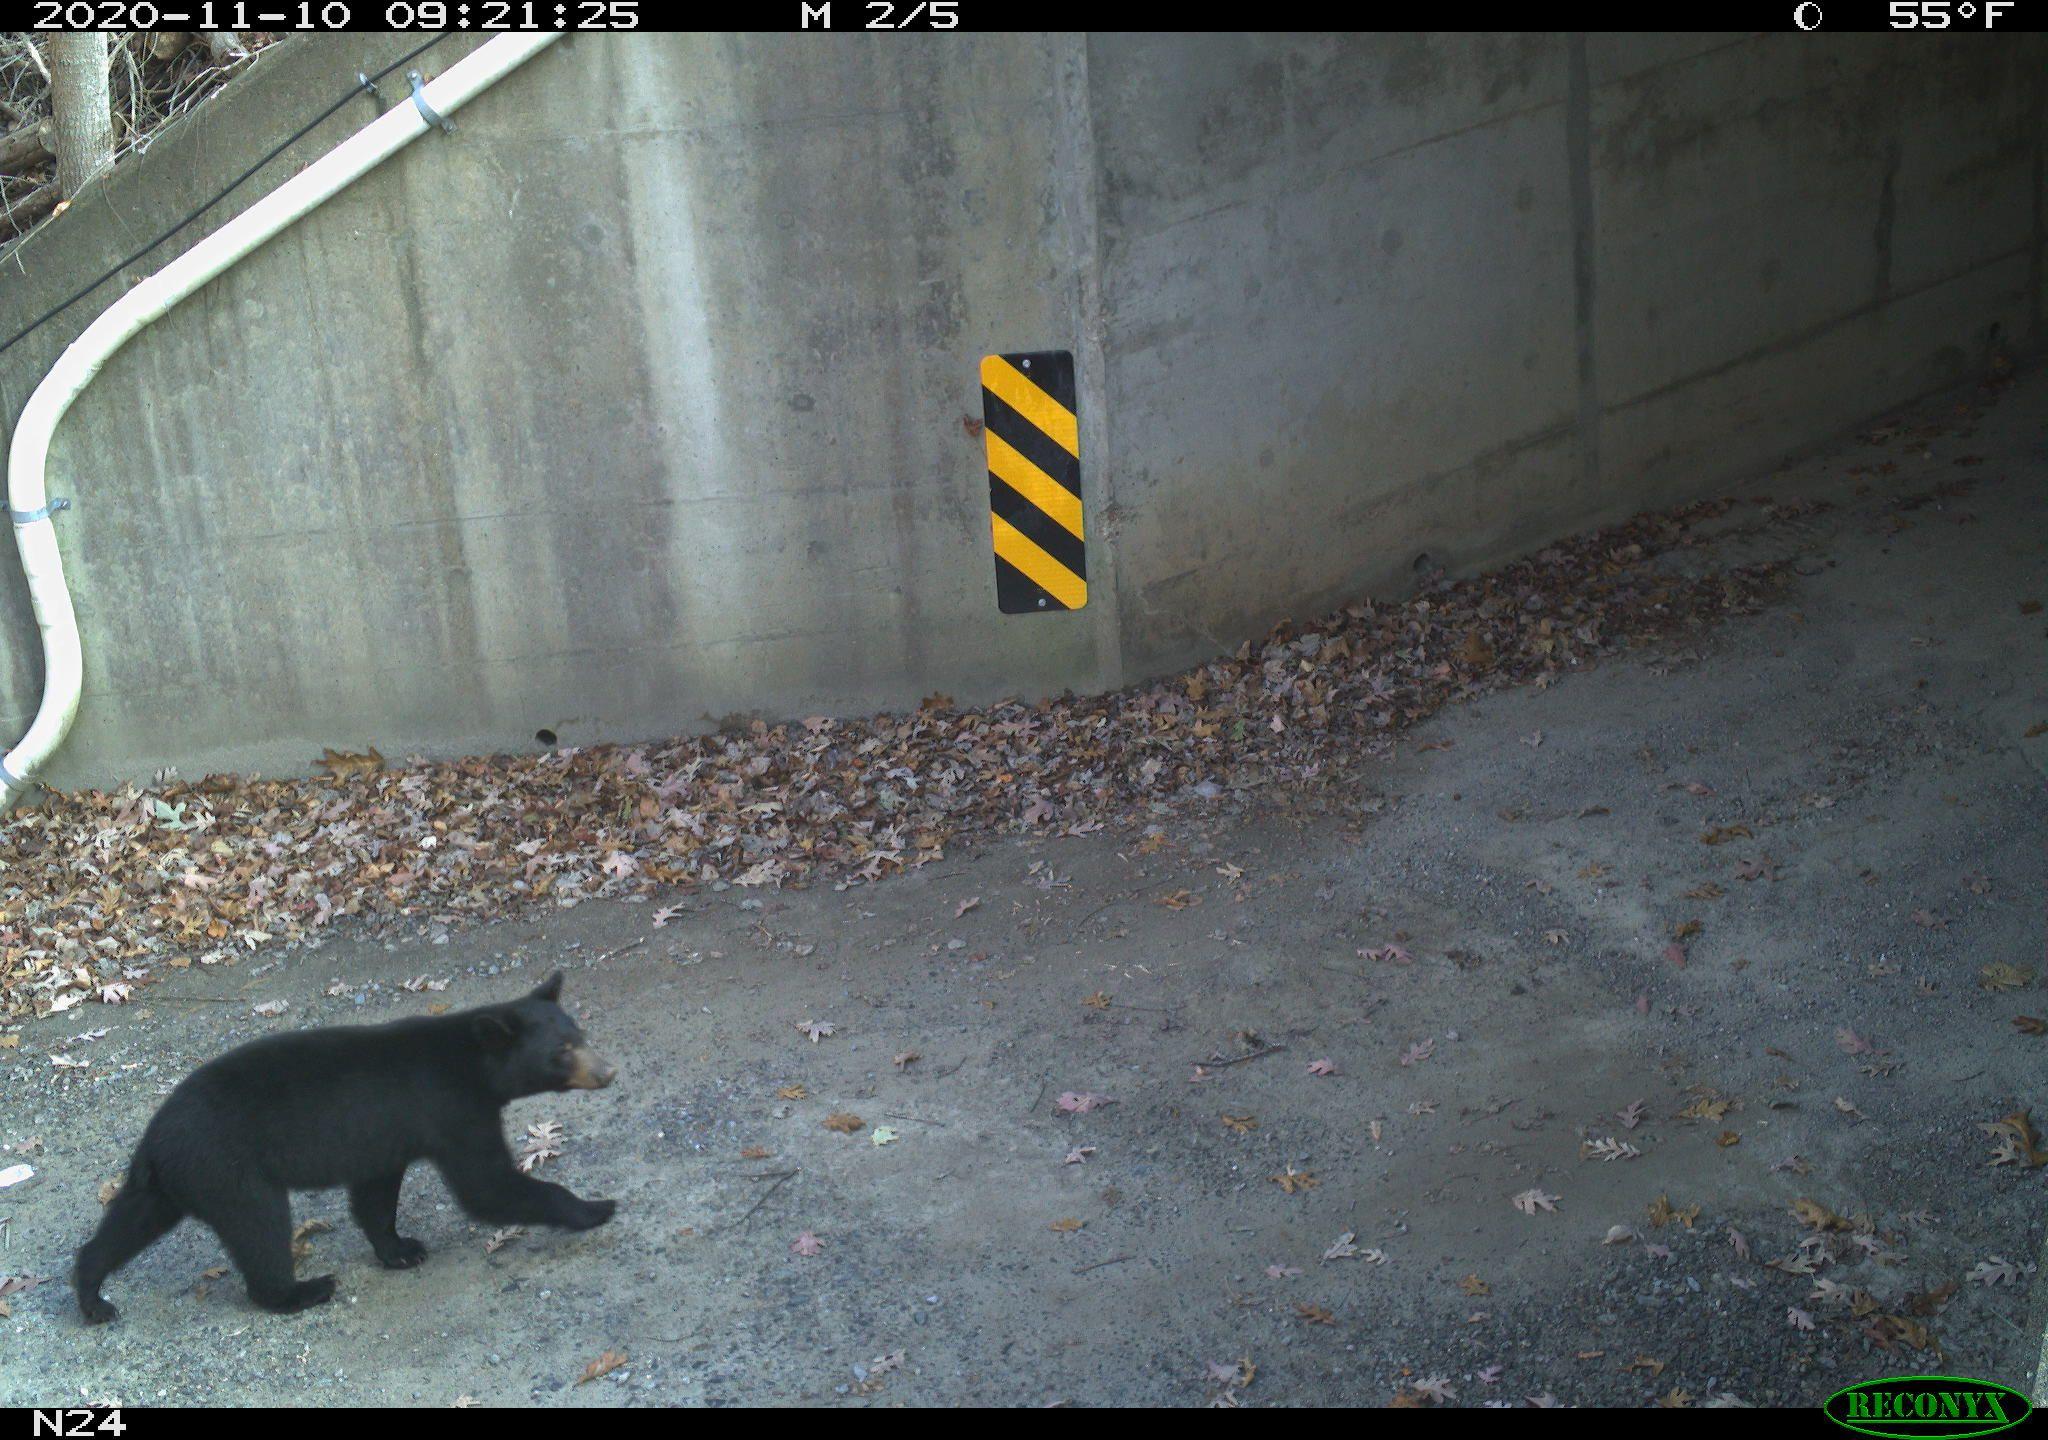 A bear walks toward a highway underpass